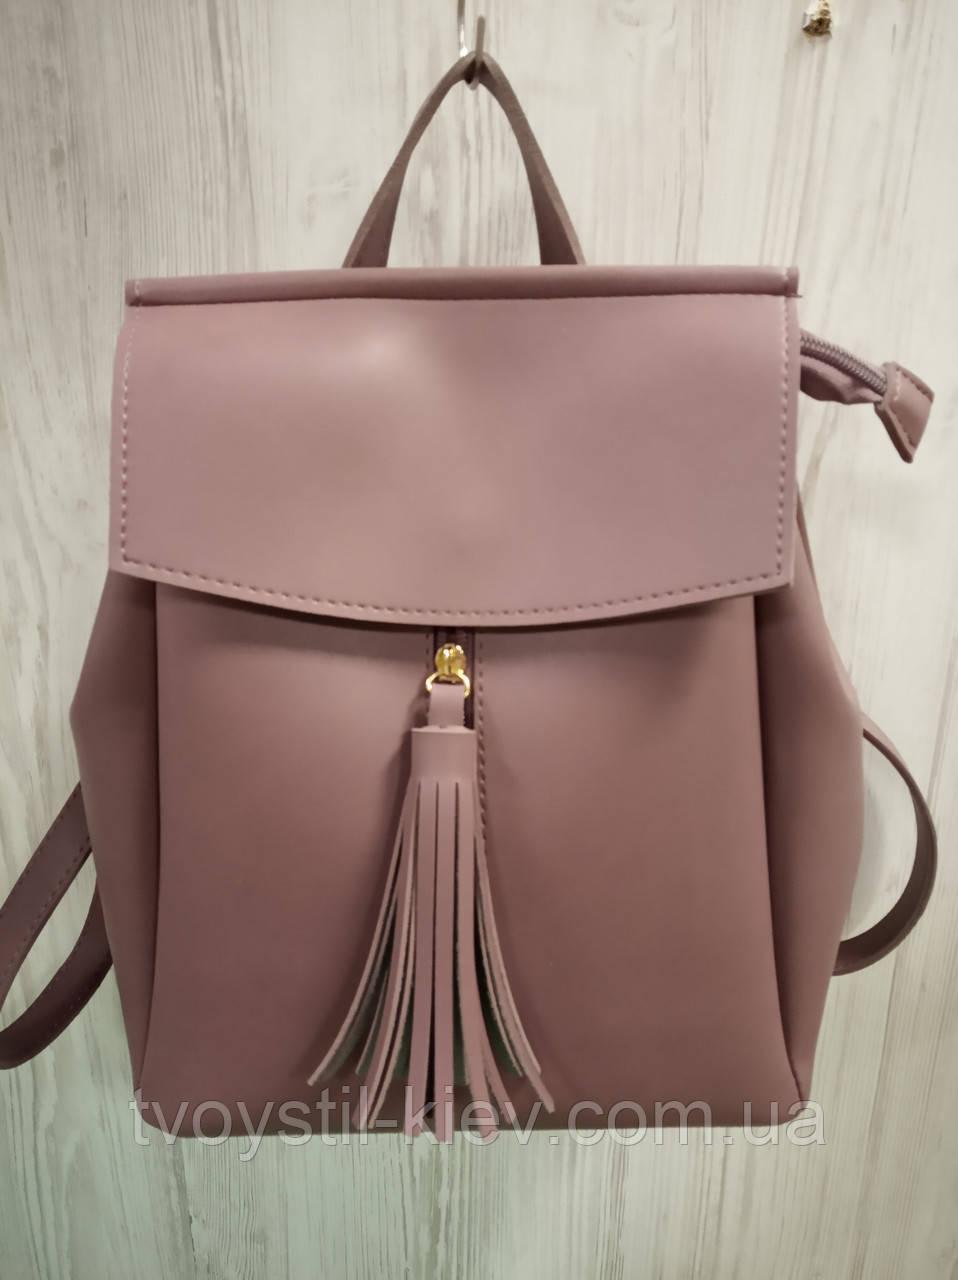 9af462987860 Сумка рюкзак молодежный эко кожа, цена 675,75 грн., купить в Киеве ...